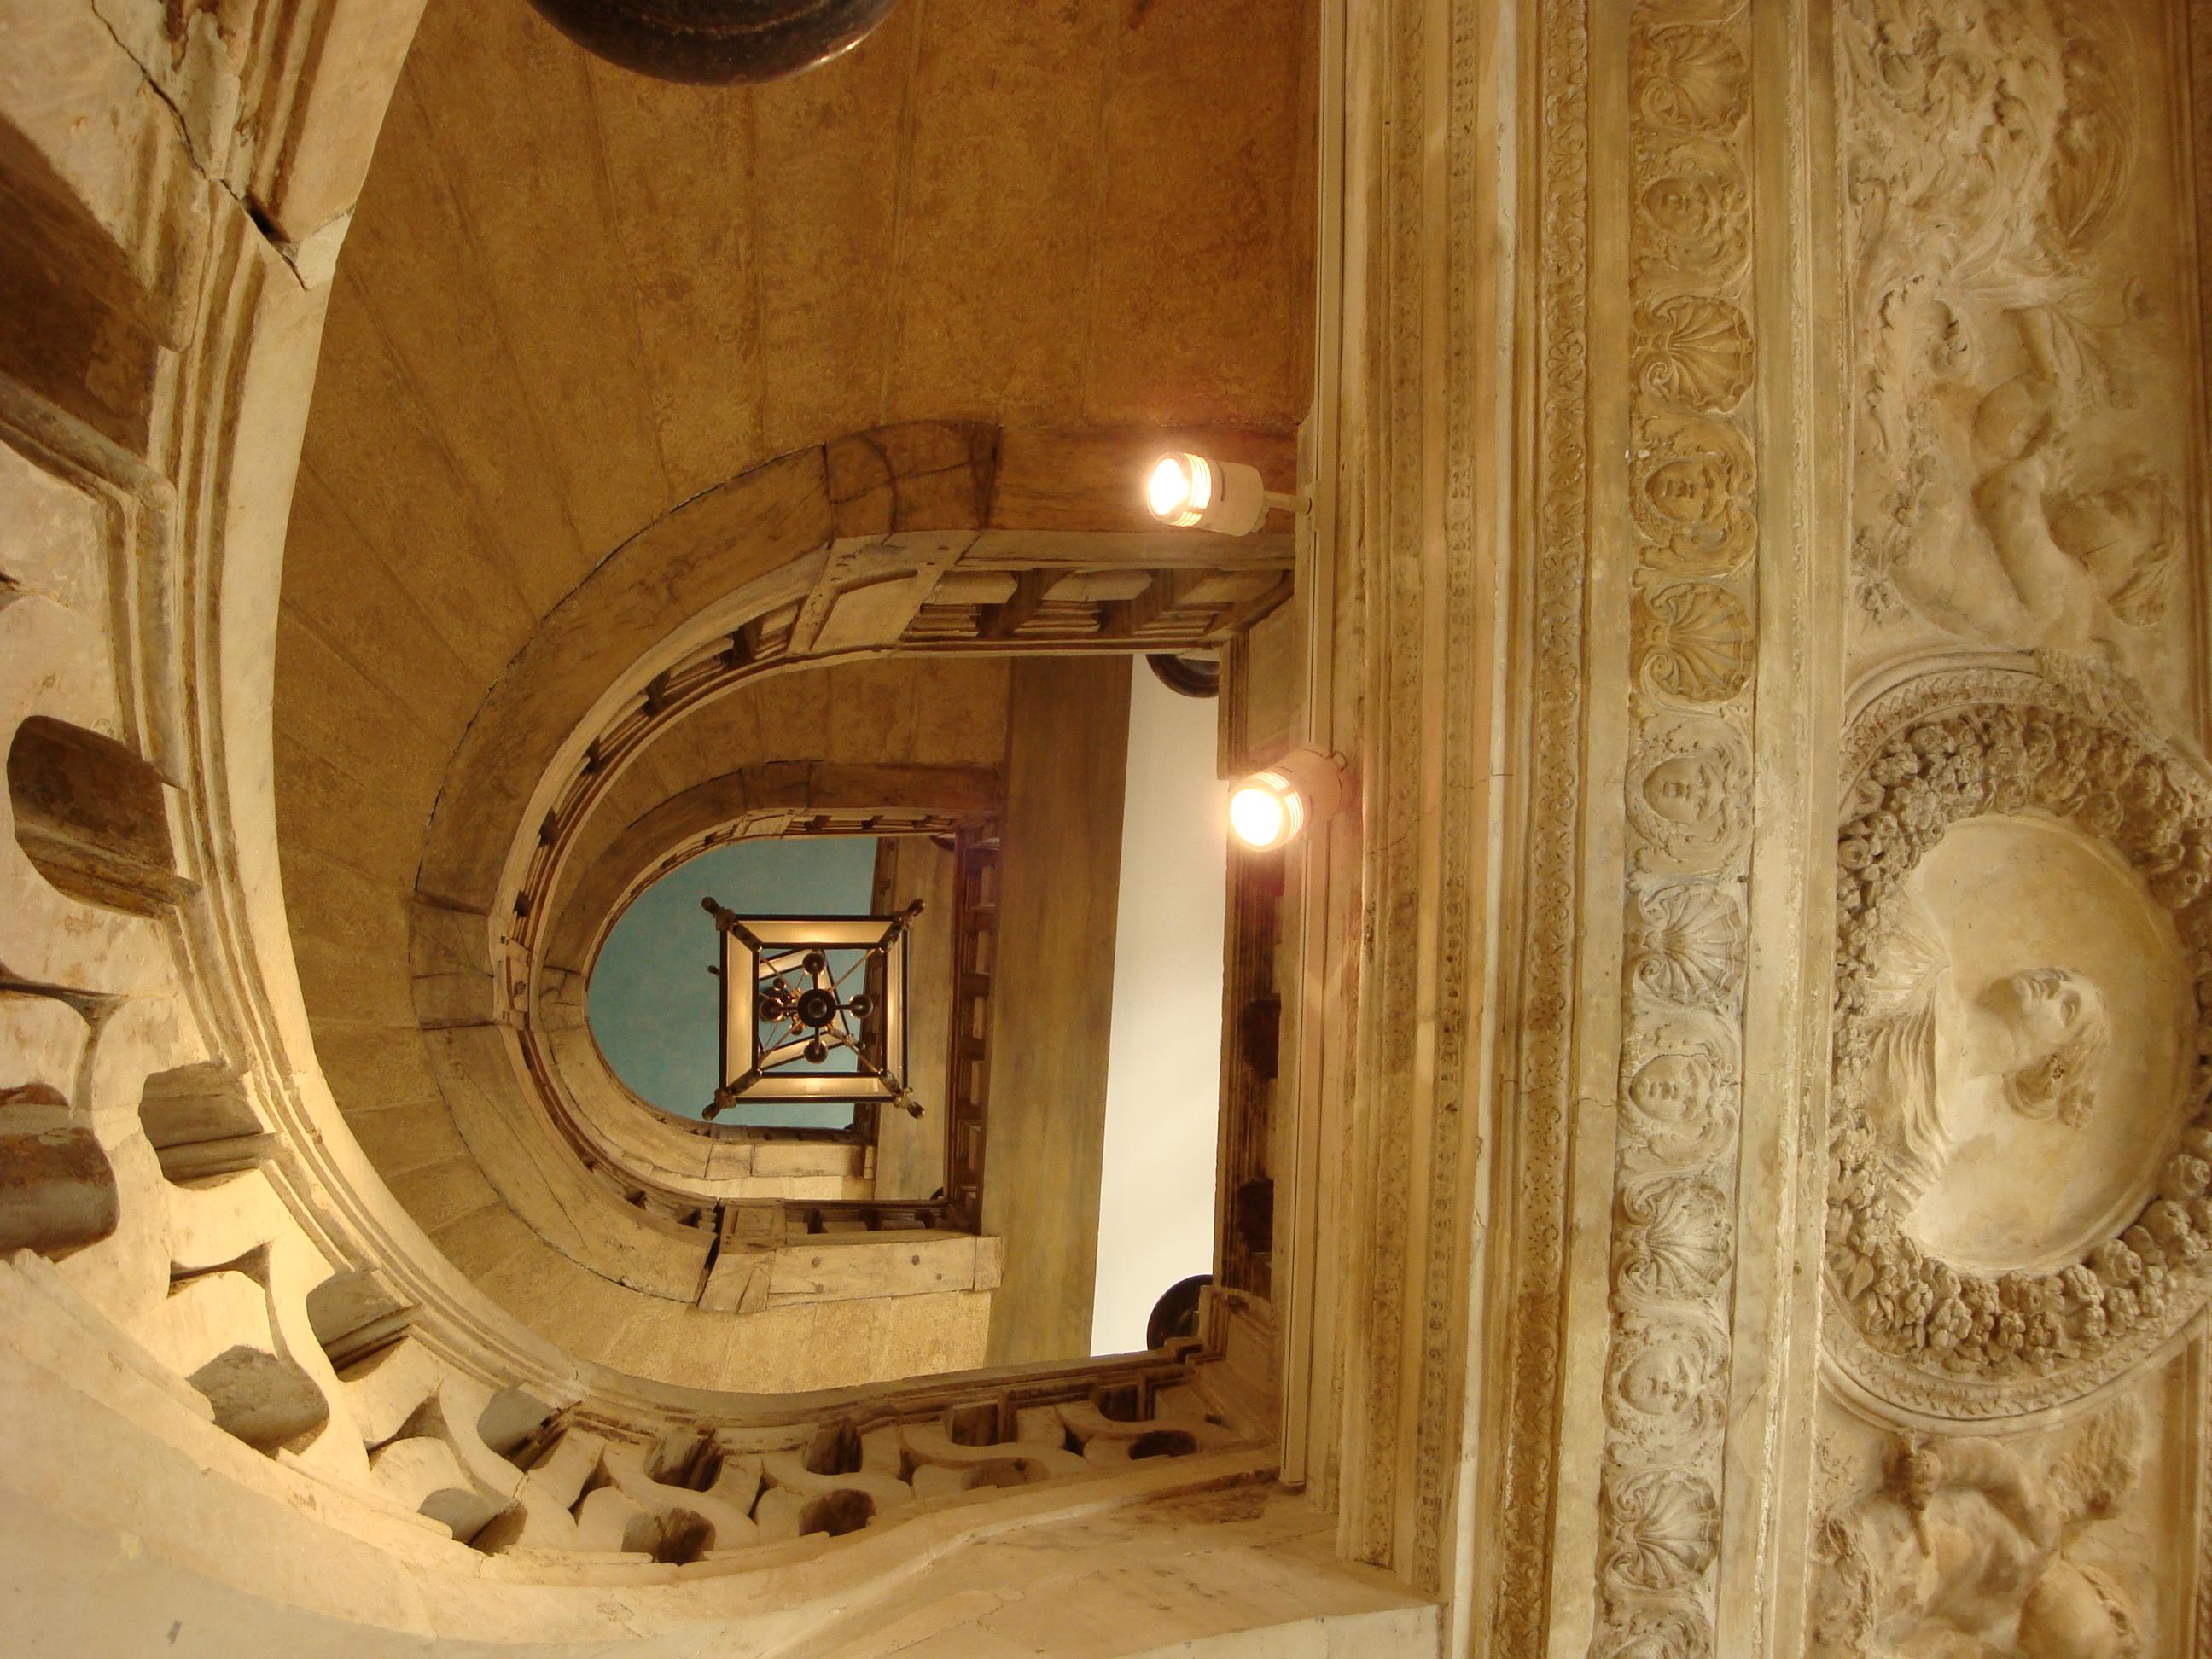 21.09.08_3_Hôtel de la Porte_Musée du barreau de Paris (18)